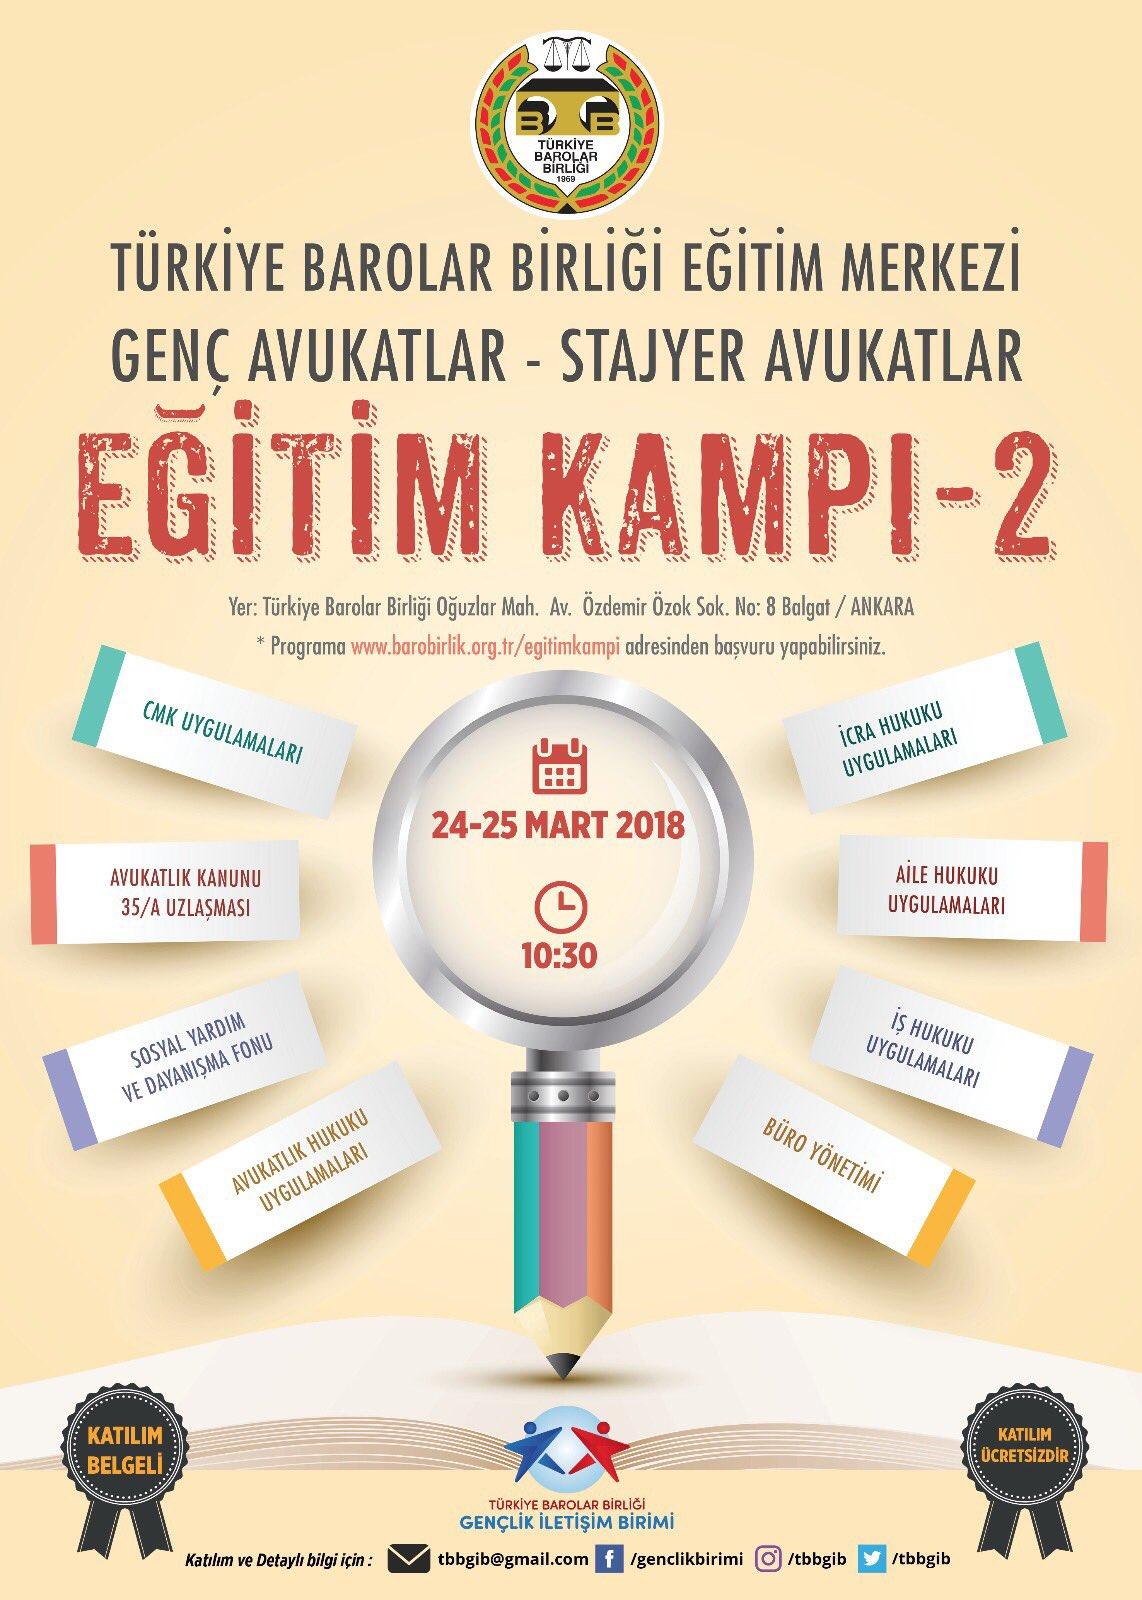 Türkiye Barolar Birliği 2. Eğitim Kampı